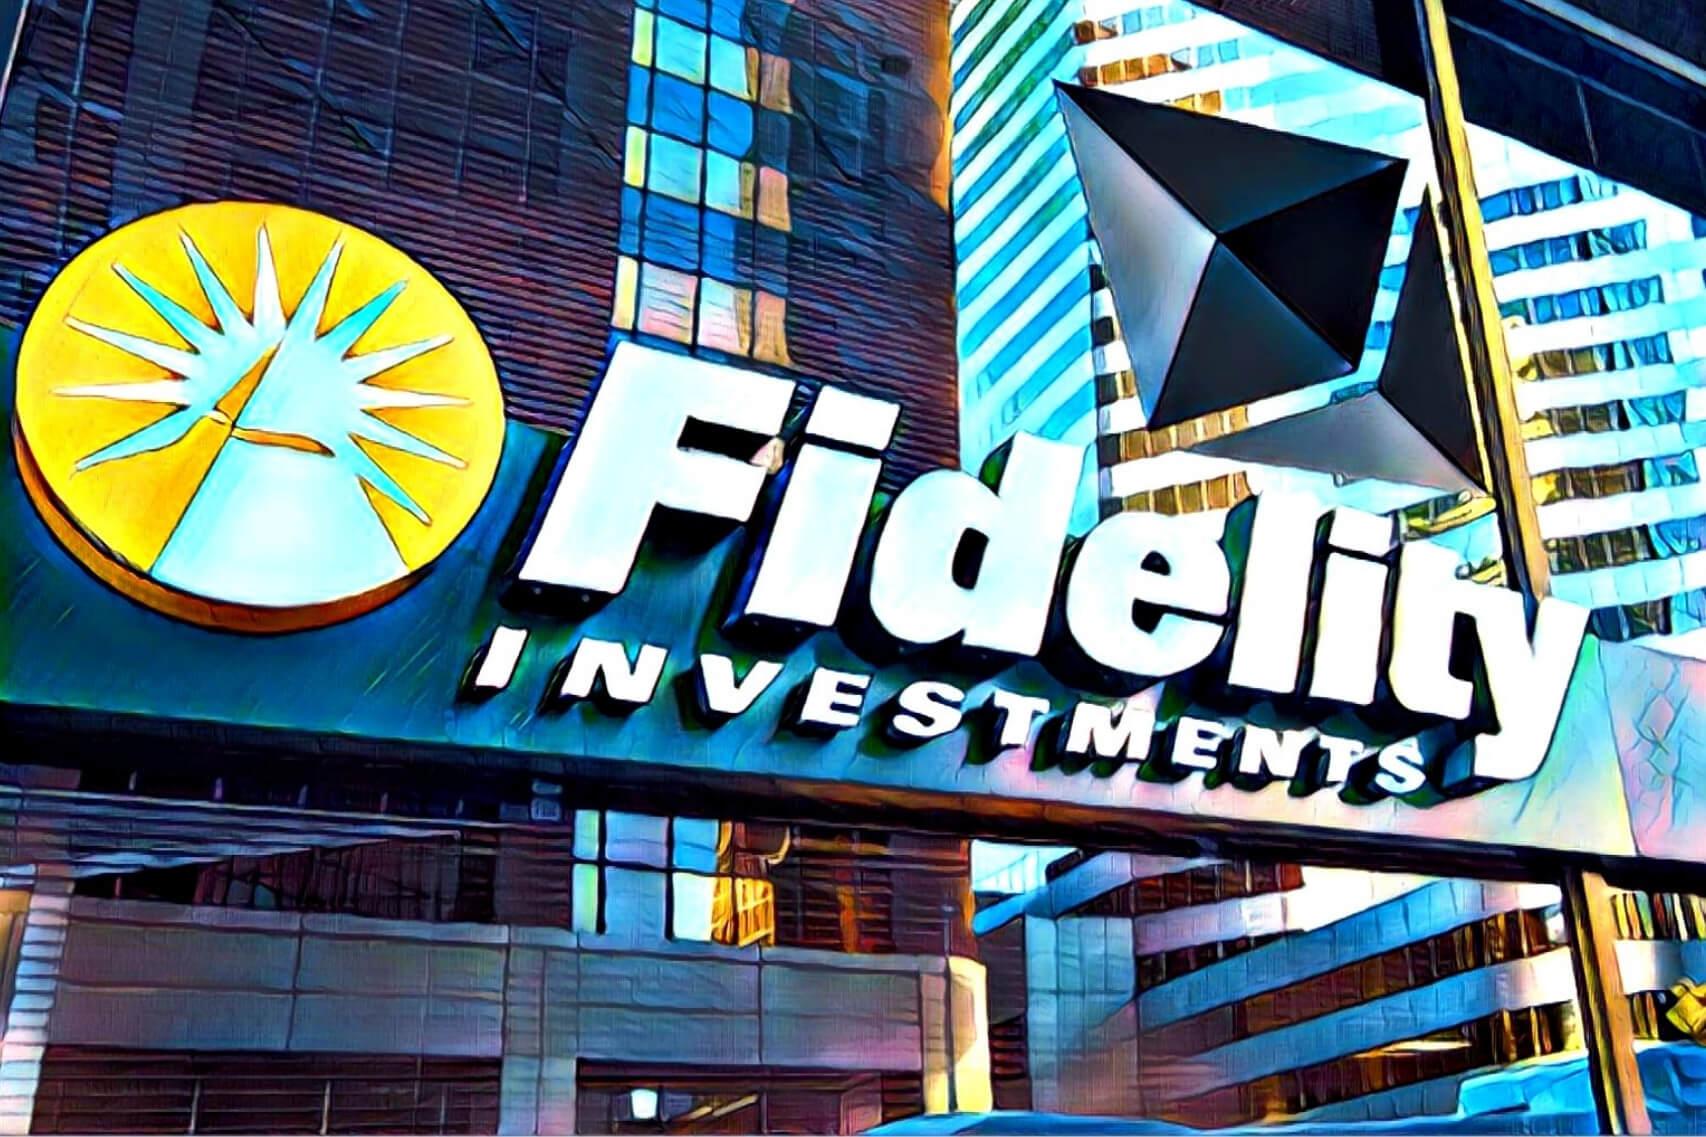 Shiva kashalkar fidelity investments abaco investment group inc